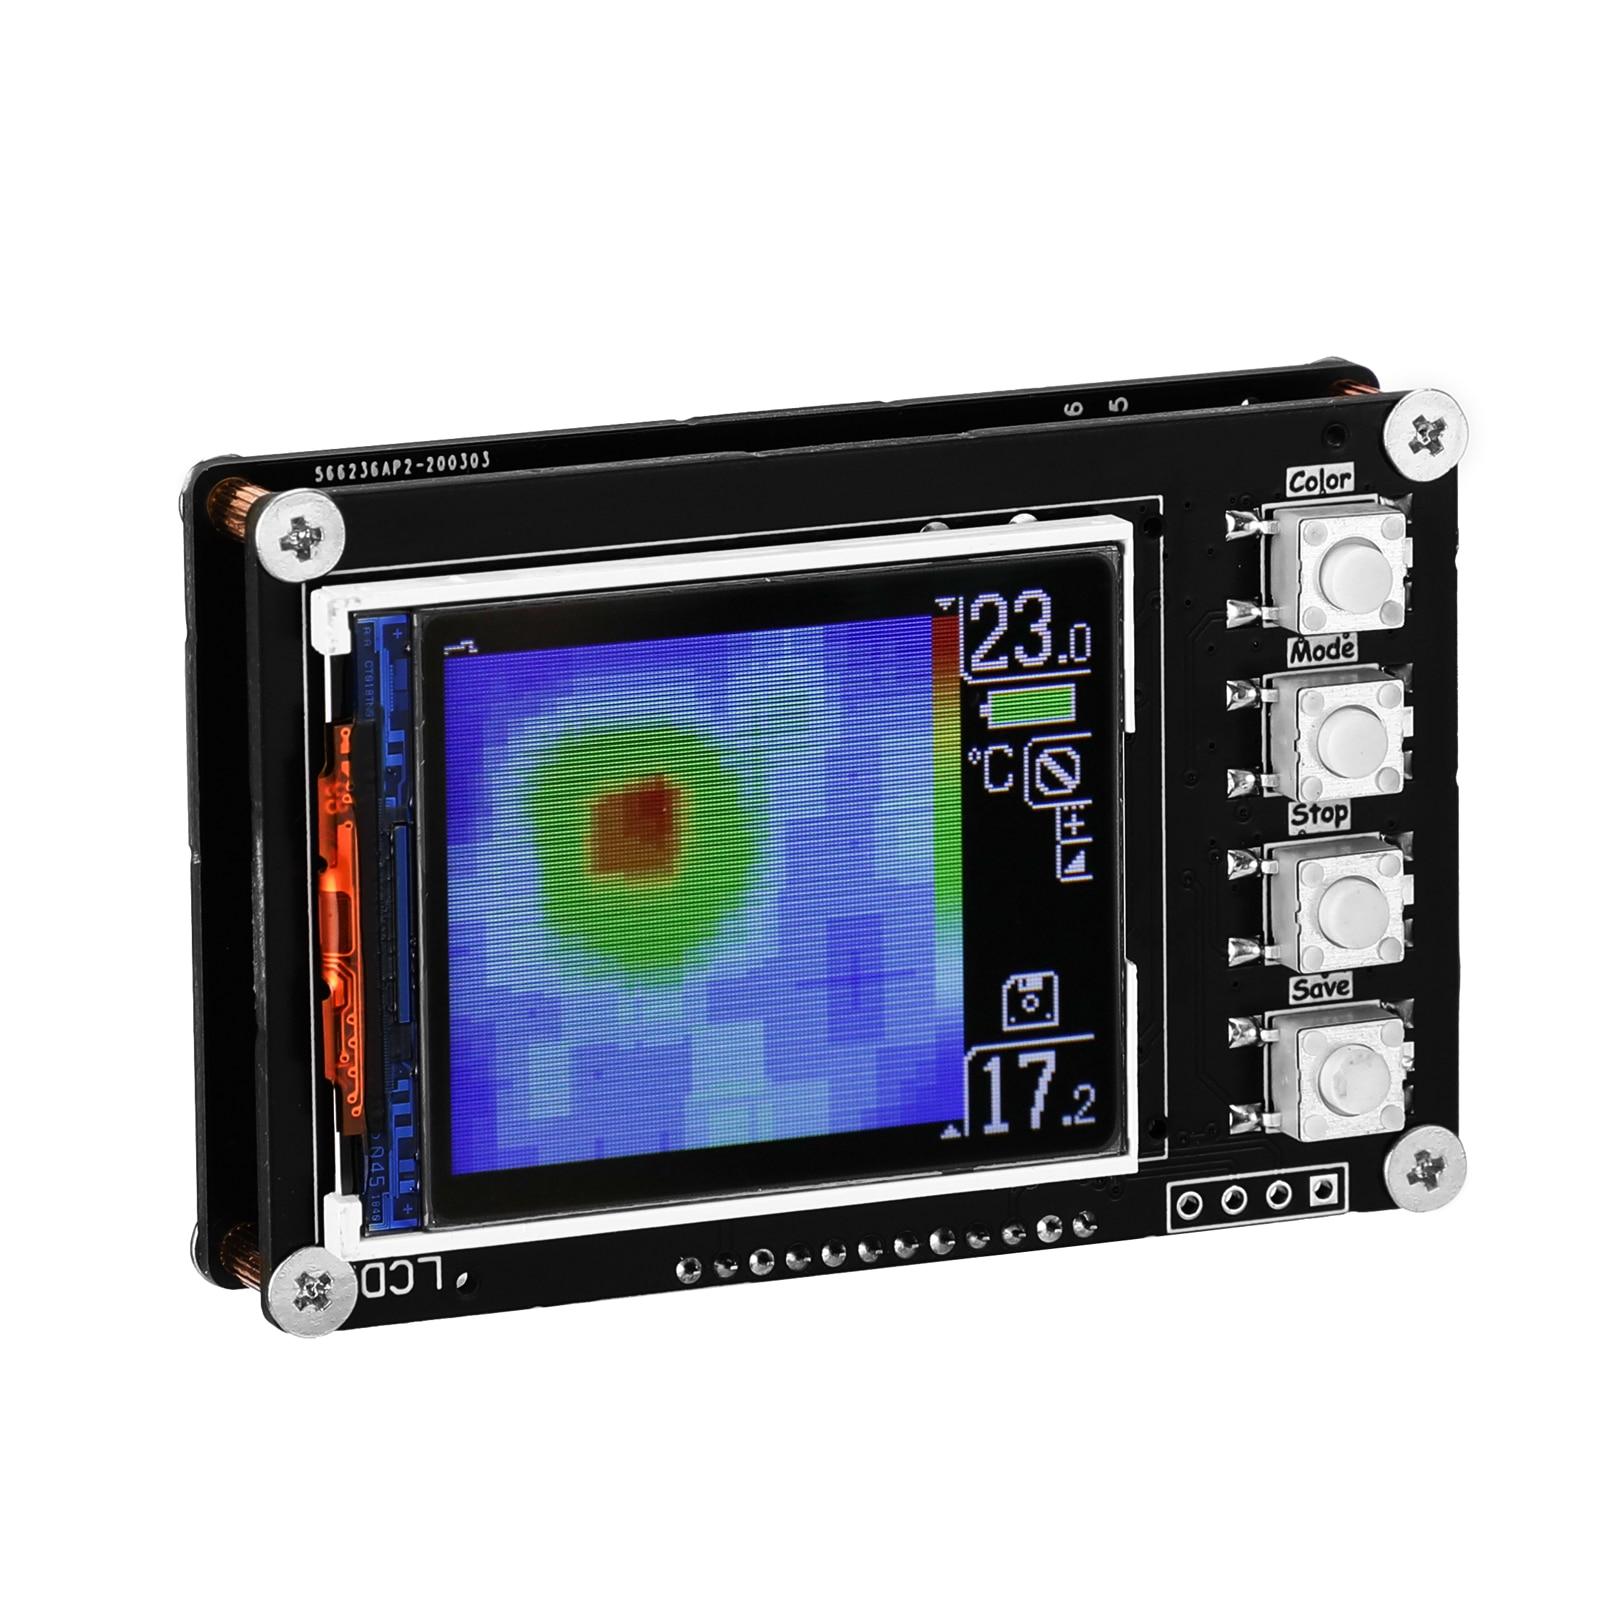 حساس حراري بسيط AMG8833 مستشعر 1.6 بوصة شاشة عرض TFT 10 هرتز معدل تحديث البيانات كاميرا تصوير حراري تصوير حراري